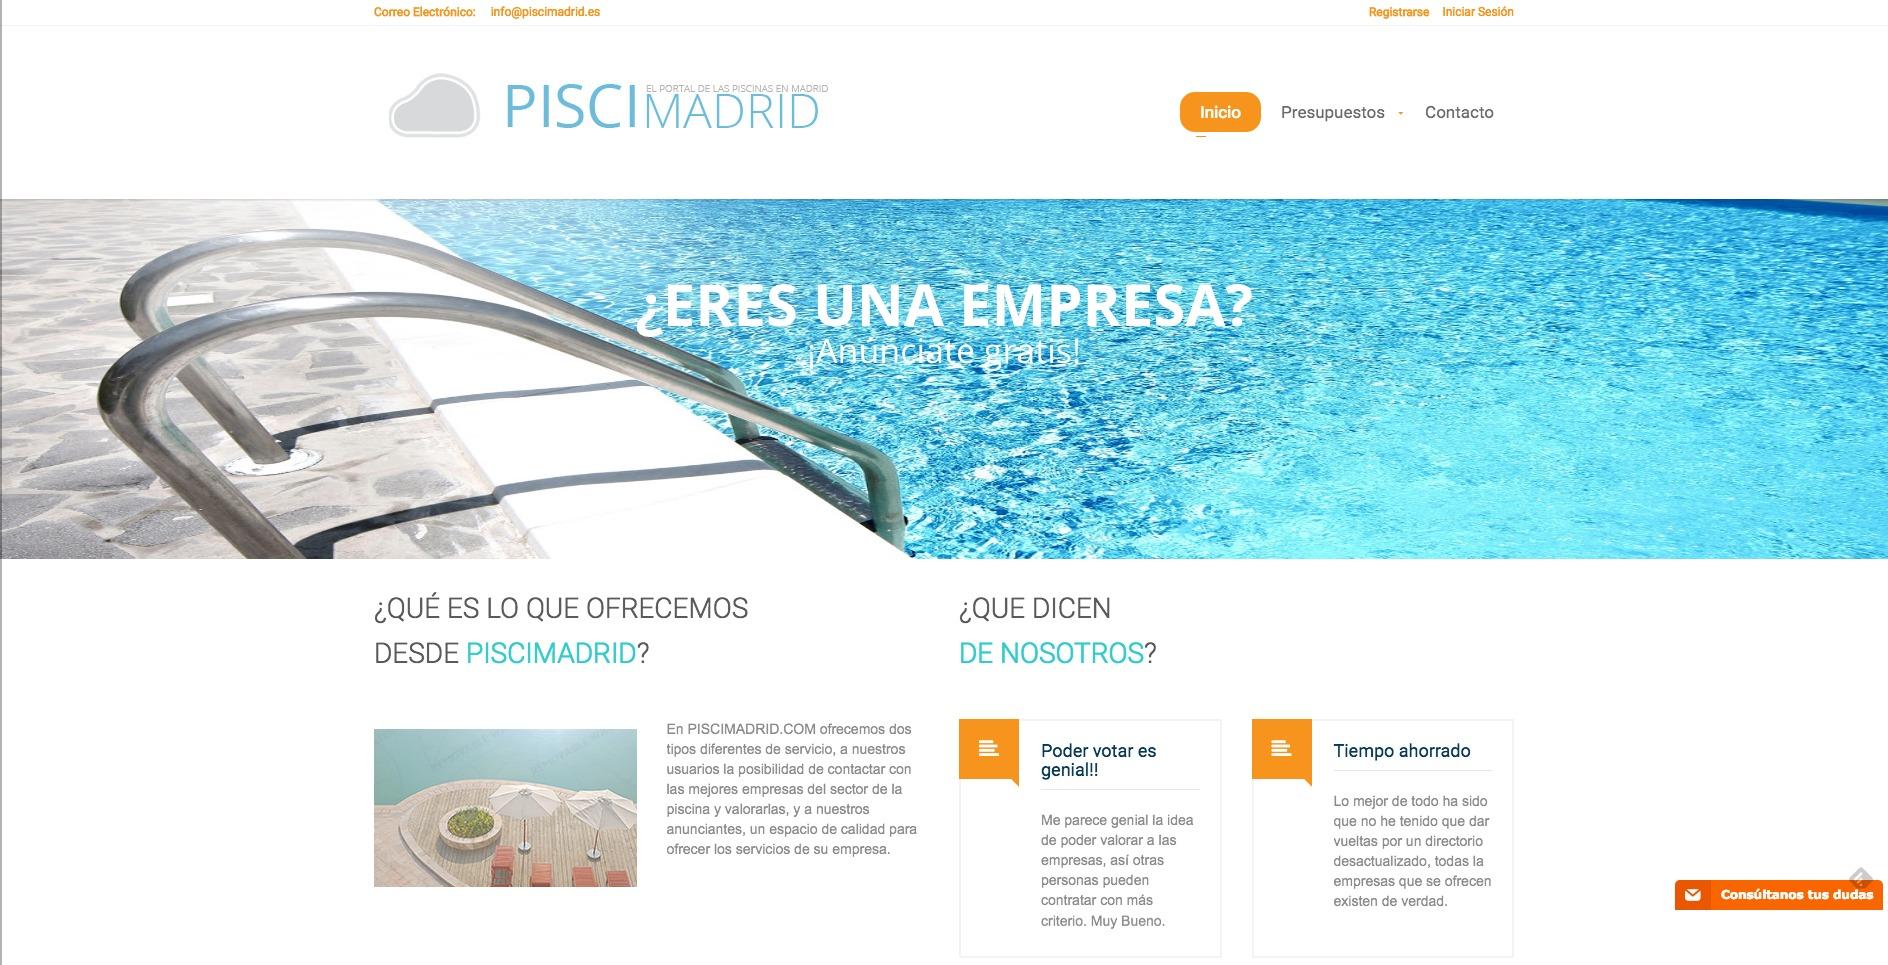 PisciMadrid servicios a empresas y particulares